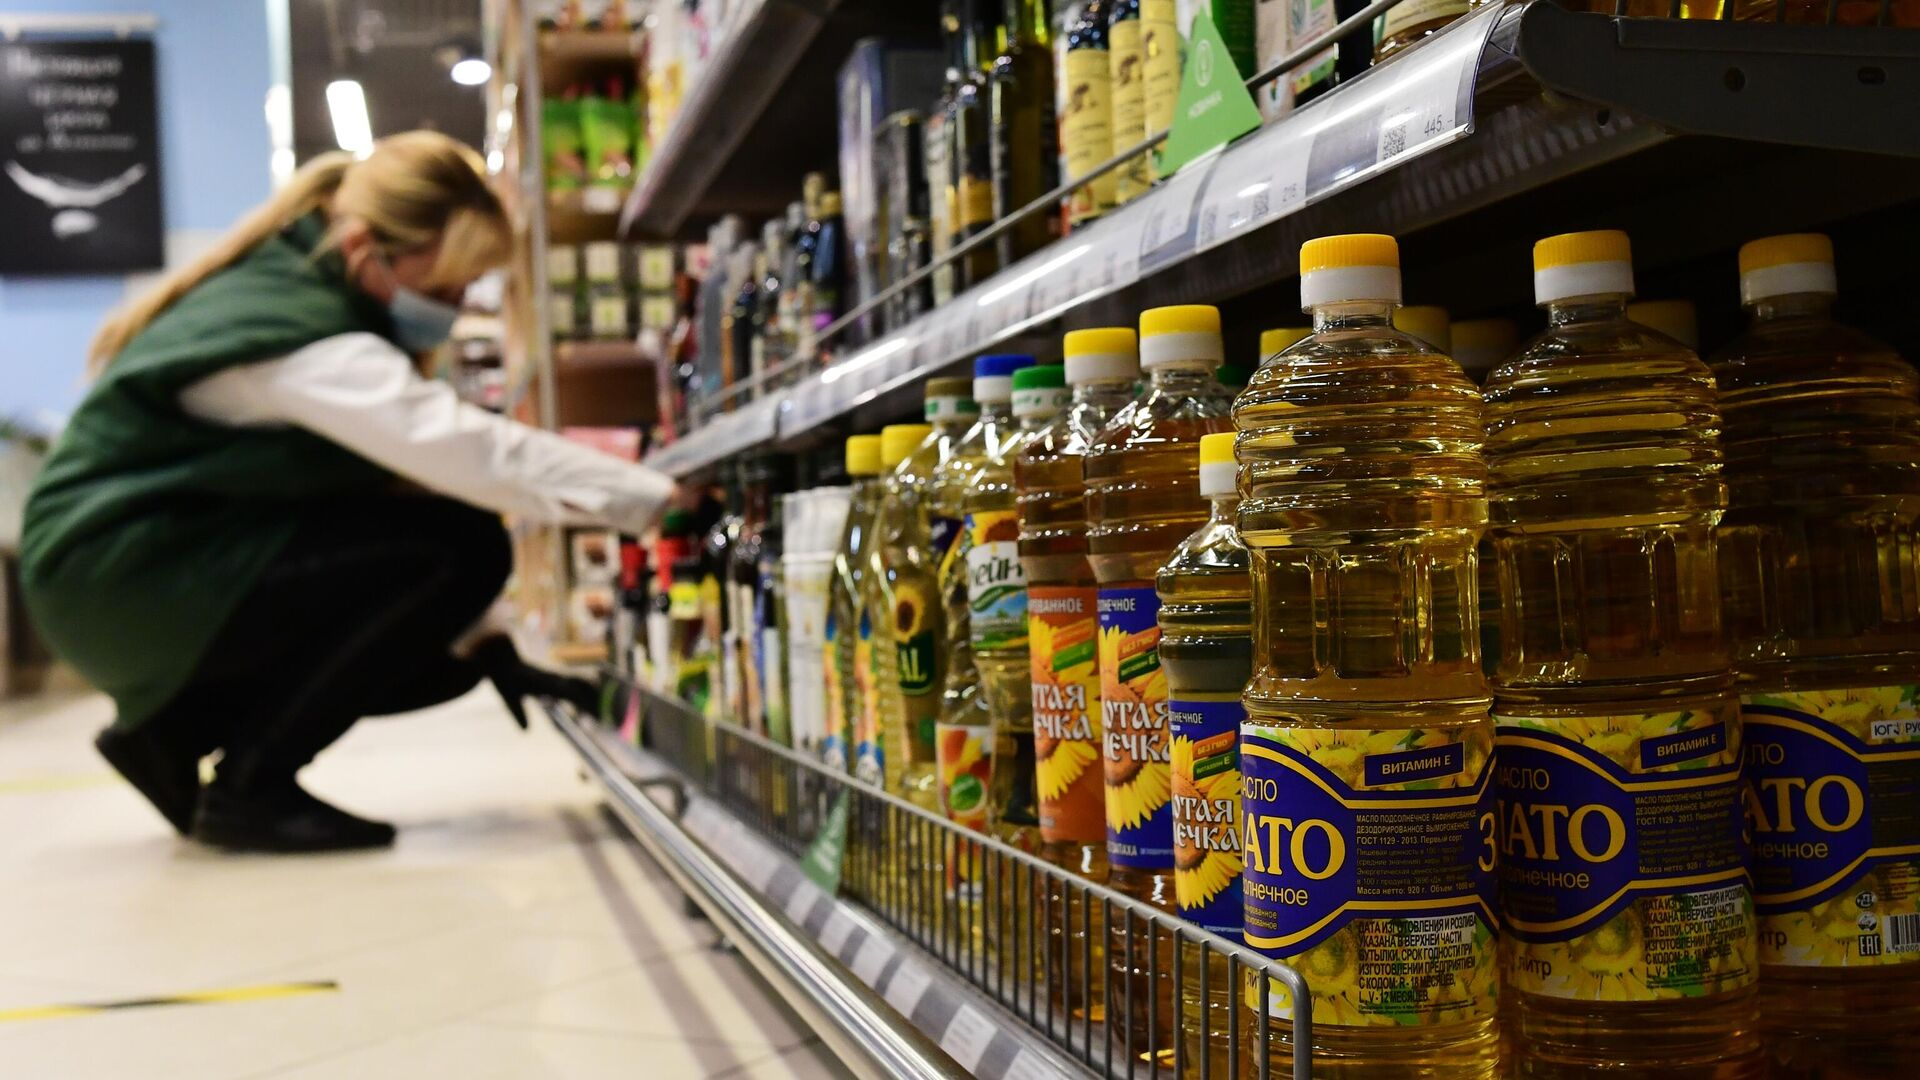 Подсолнечное масло в супермаркете - РИА Новости, 1920, 02.02.2021